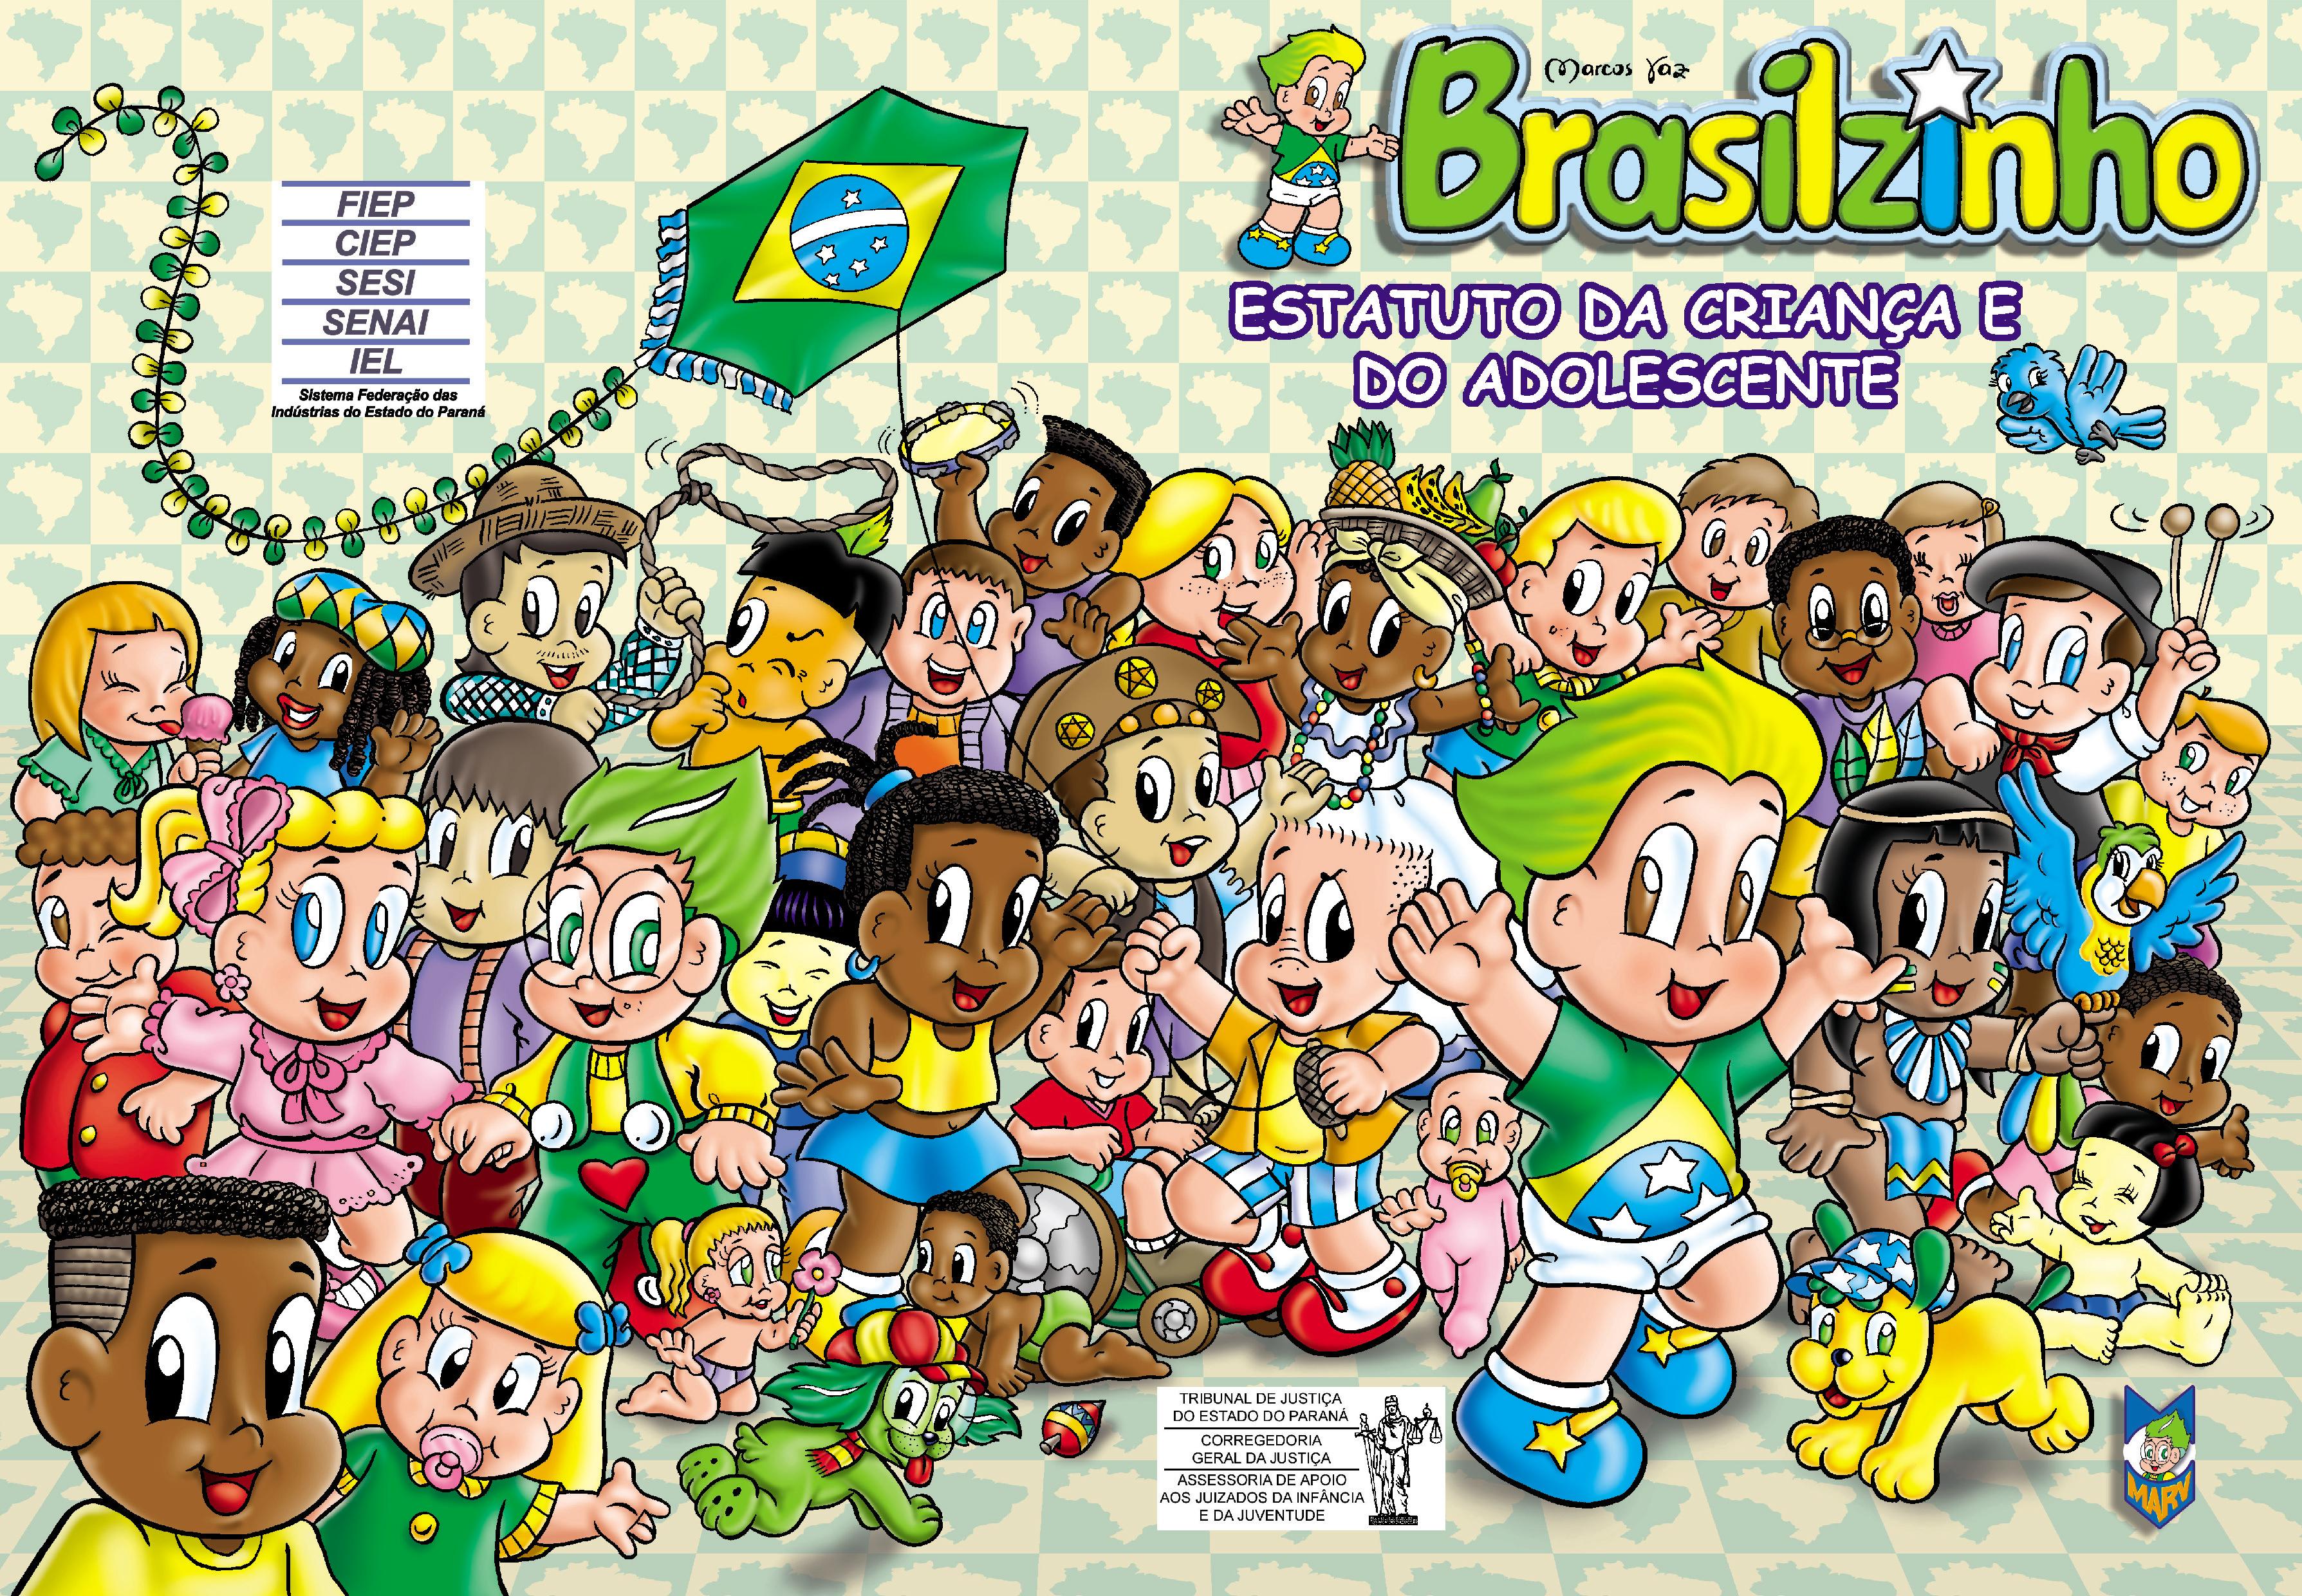 Brasilzinho